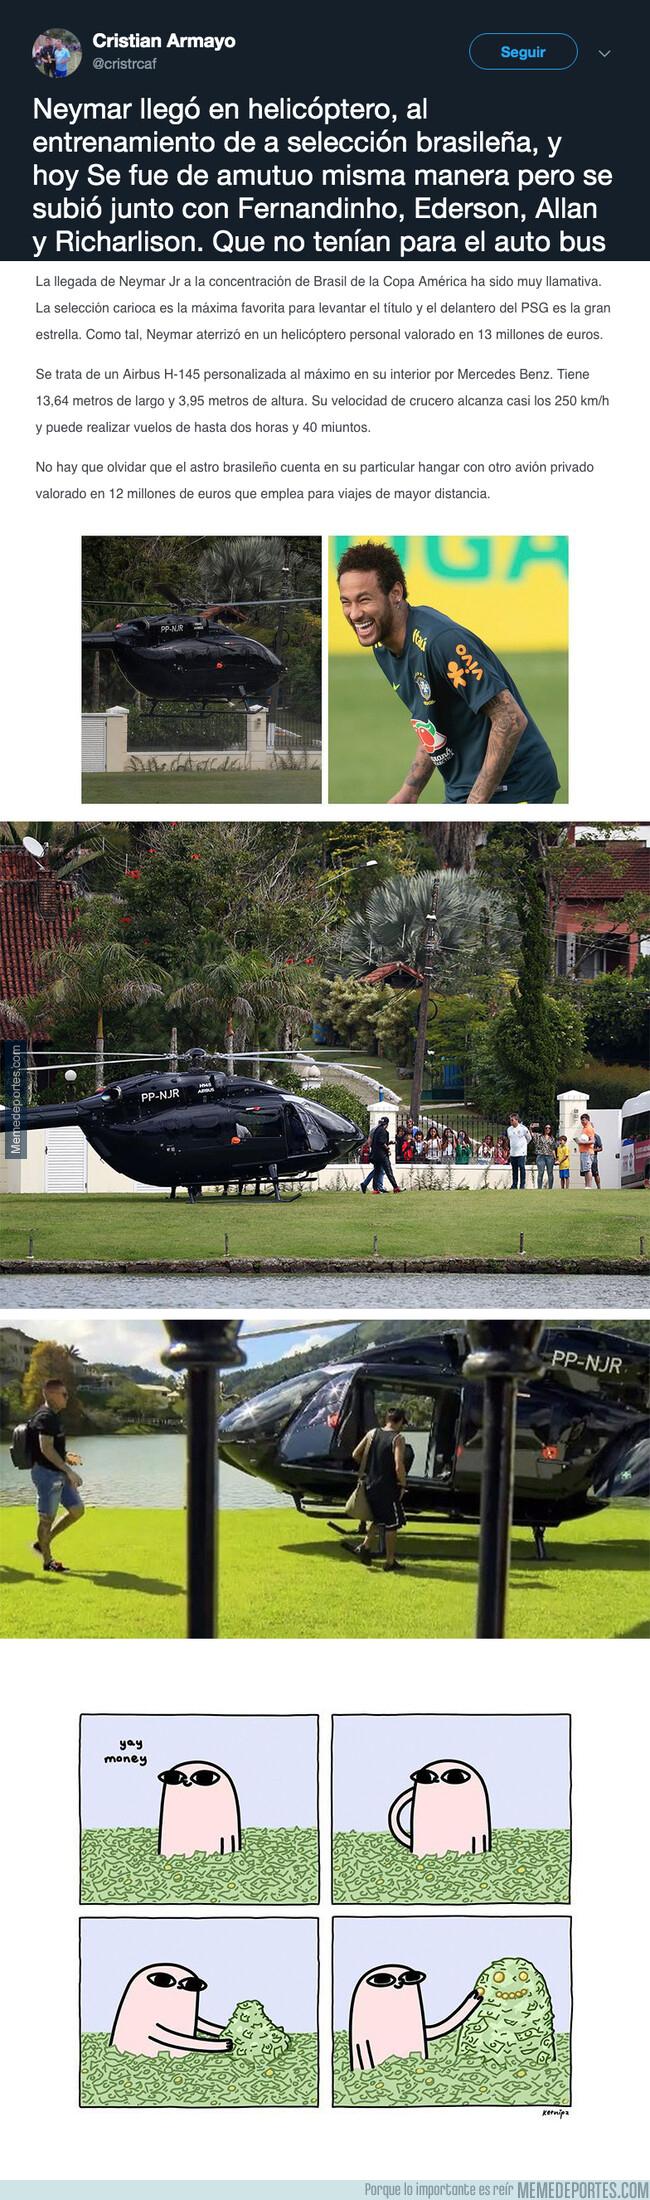 1076534 - La última adquisición de Neymar por la que se ha gastado 13 millones de euros